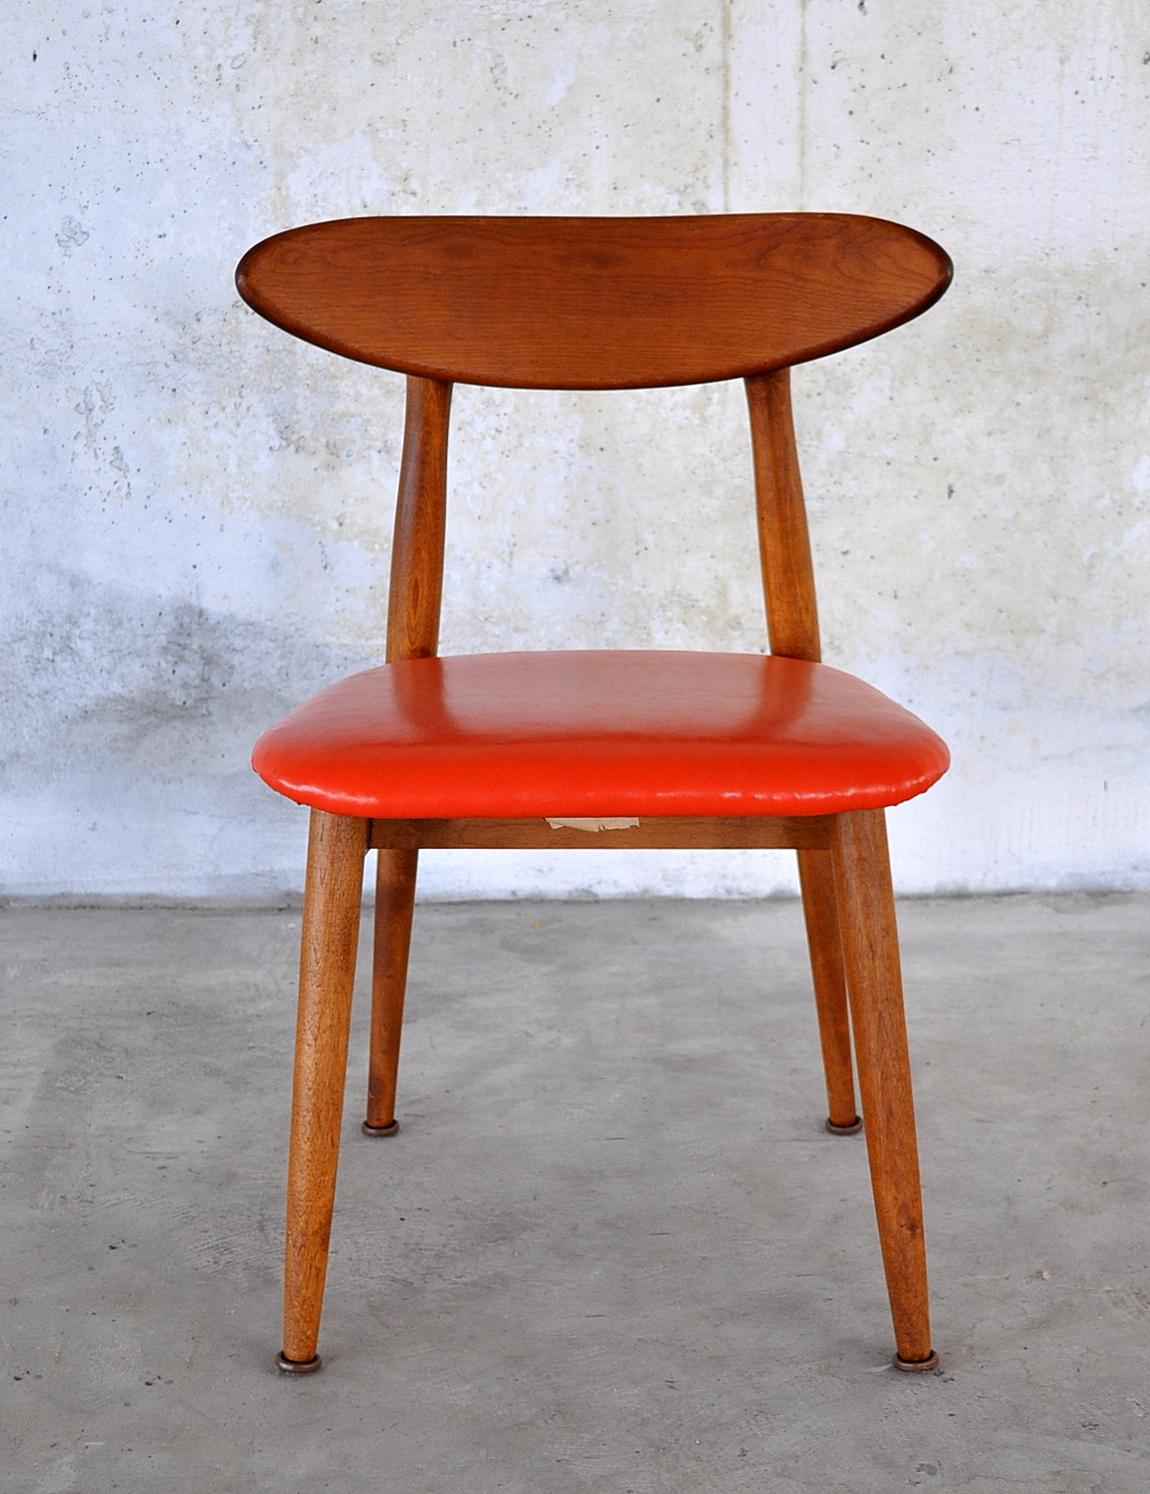 Conant Ball Chair Ll Bean Bag Select Modern July 2013